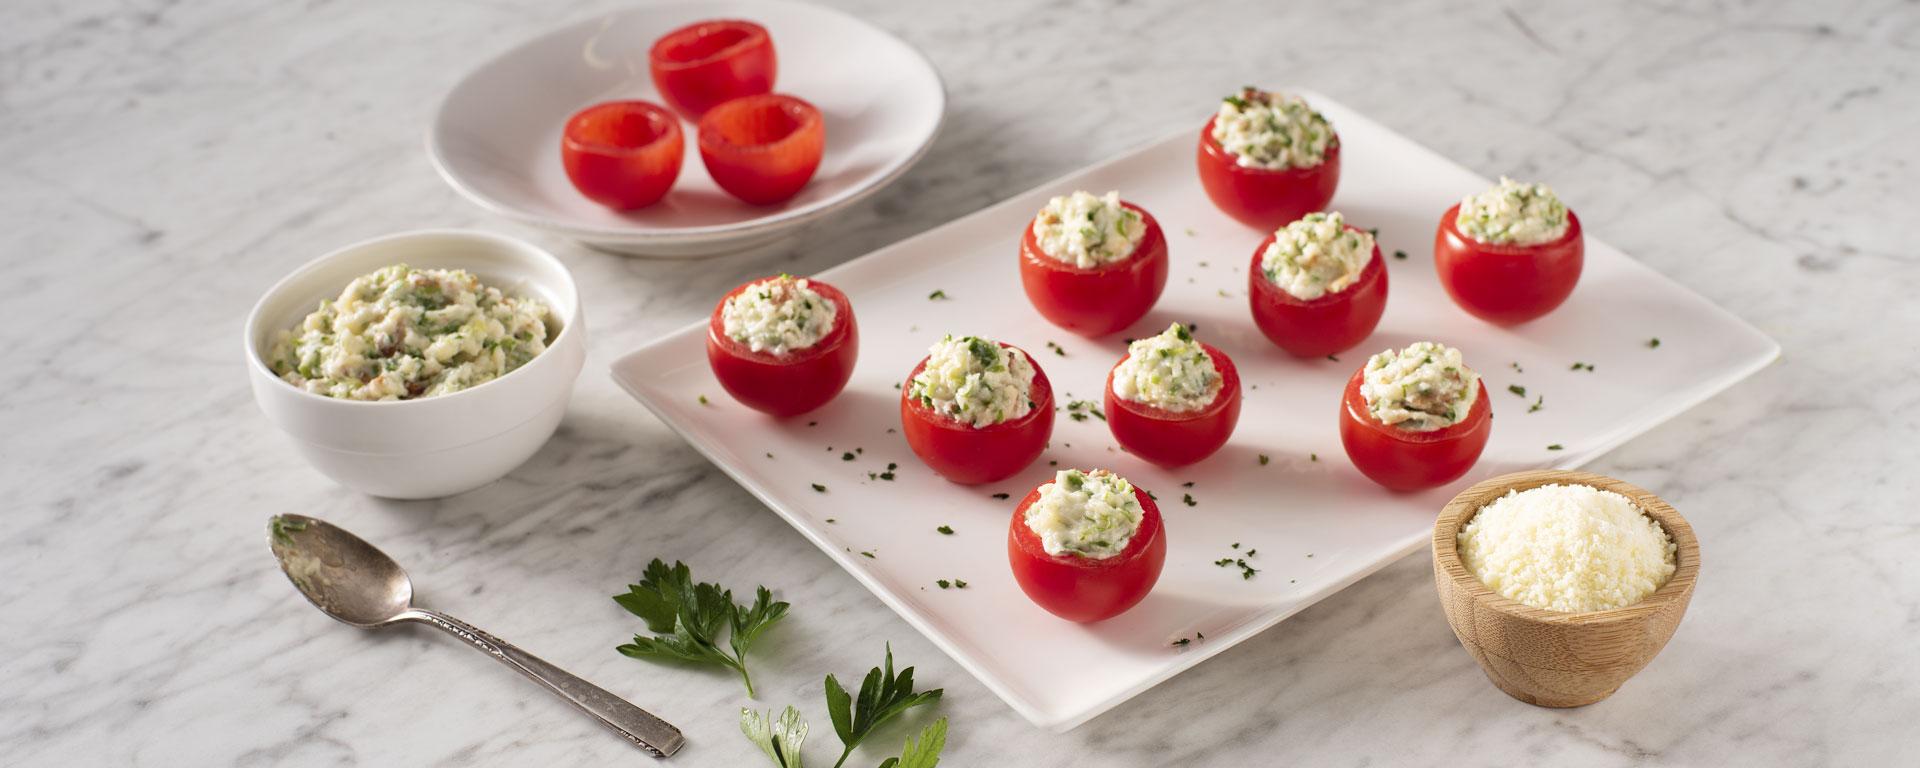 Photo for - Valentine's Tomato Bites